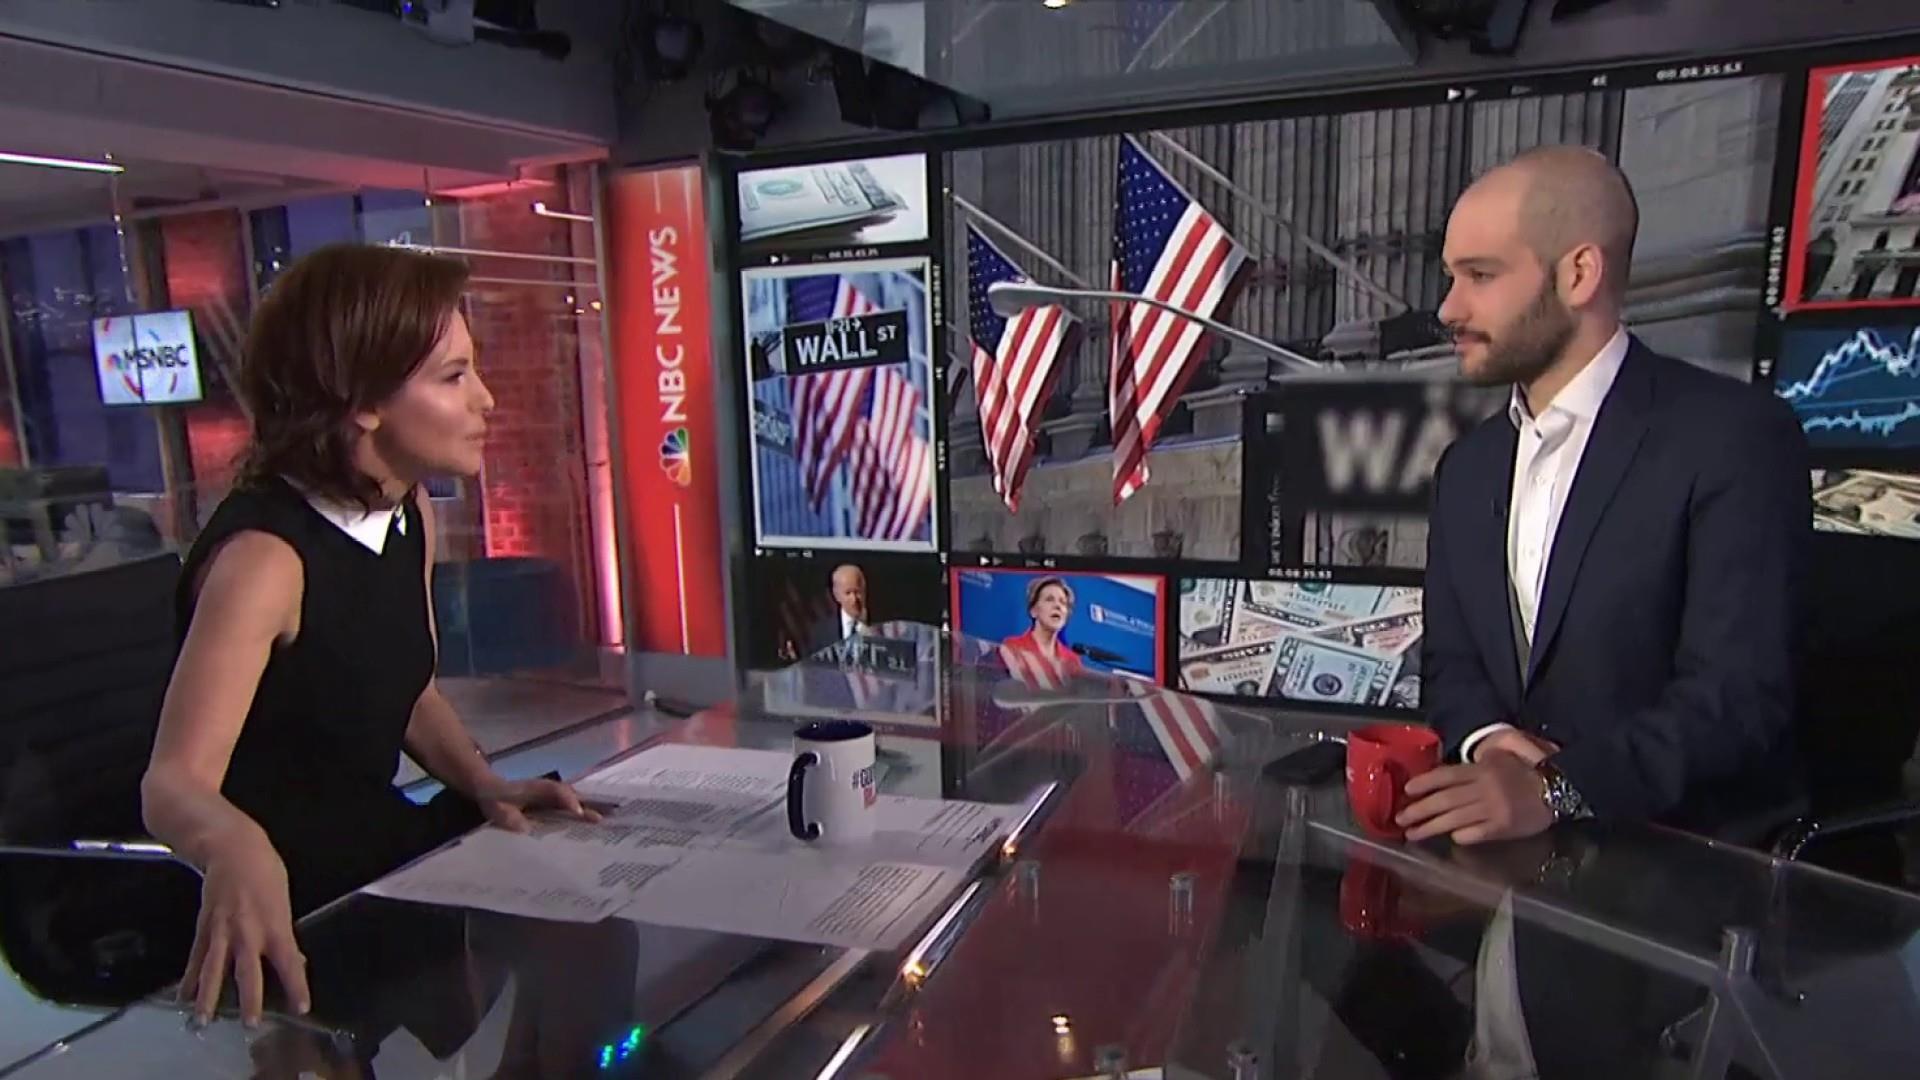 NY Magazine: Wall Street Dems 'fear' 2020 field